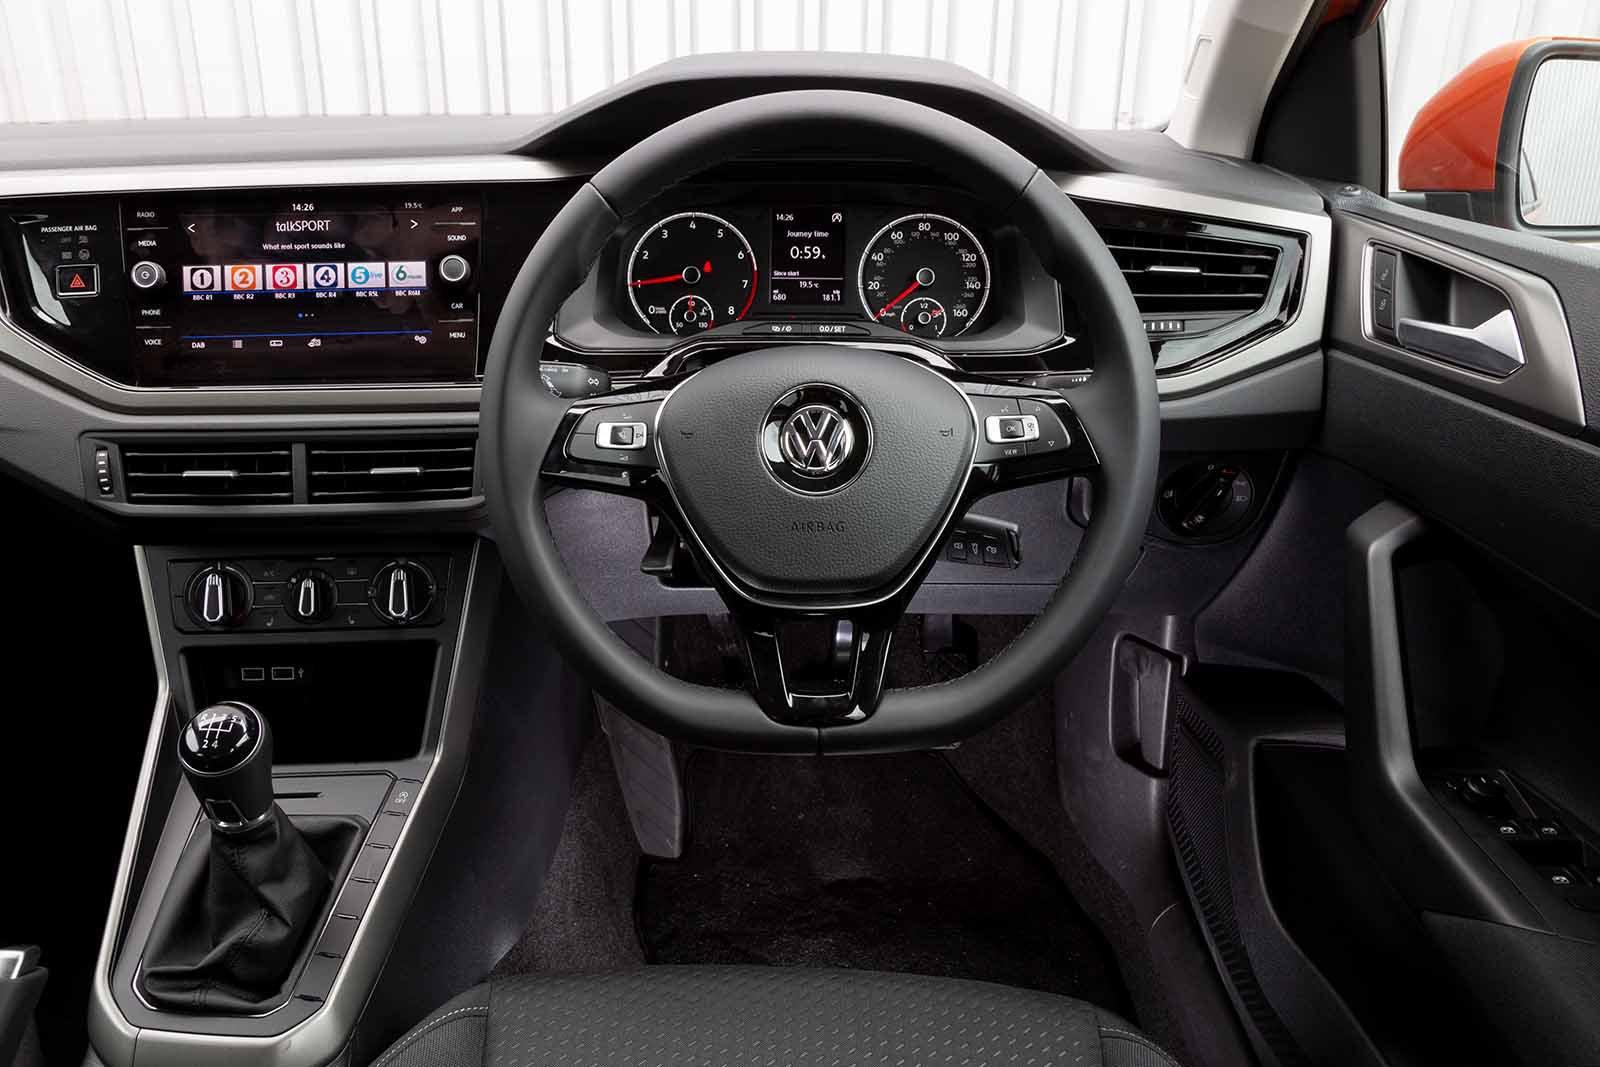 Volkswagen Polo 1.0 TSI 95 SE - interior